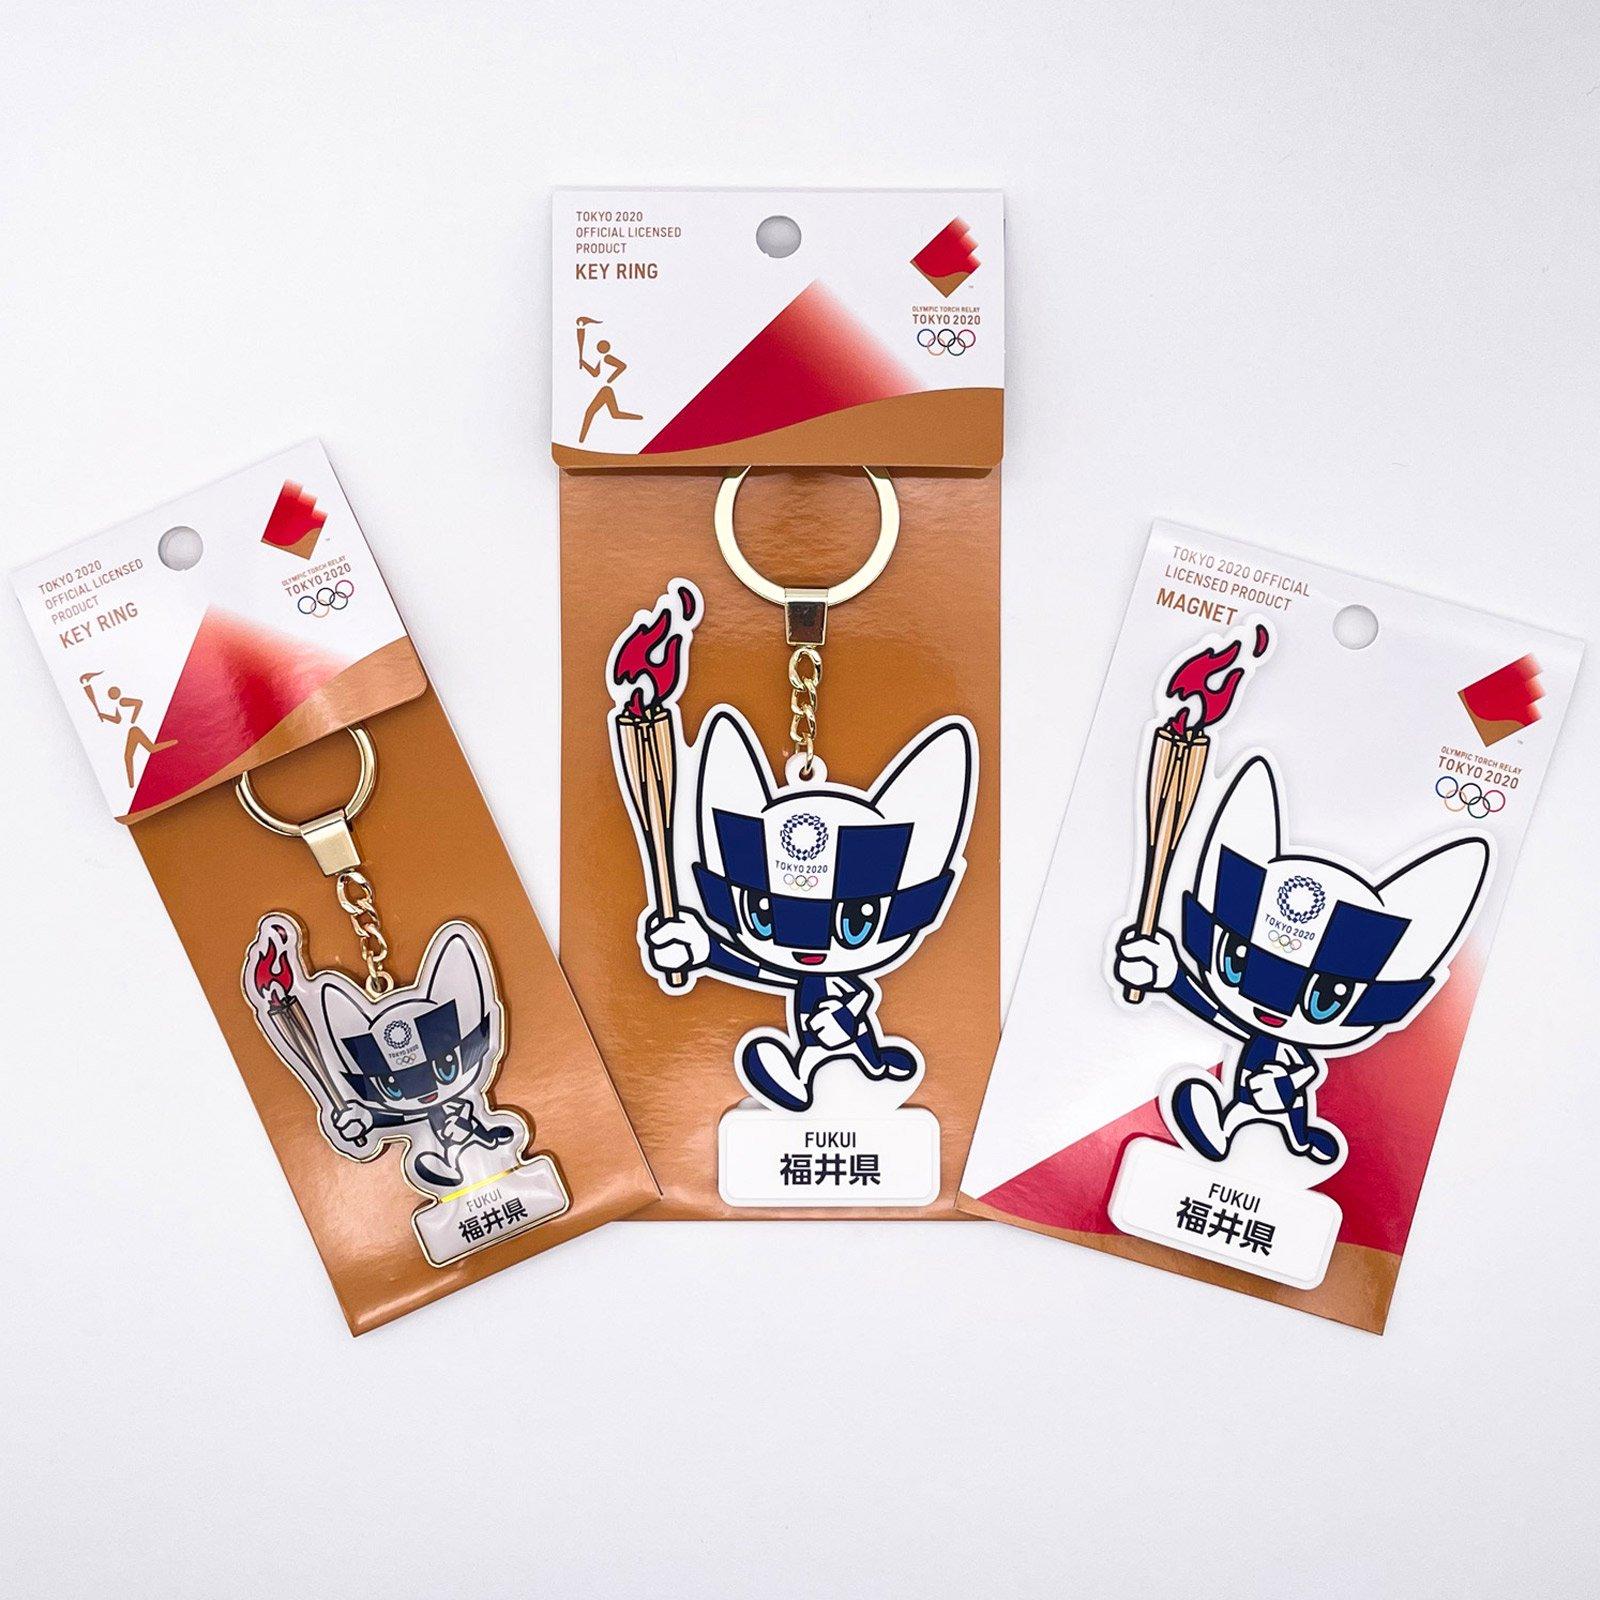 【セール価格】【お得なセット】東京2020オリンピック聖火リレーマスコット商品:福井県セット